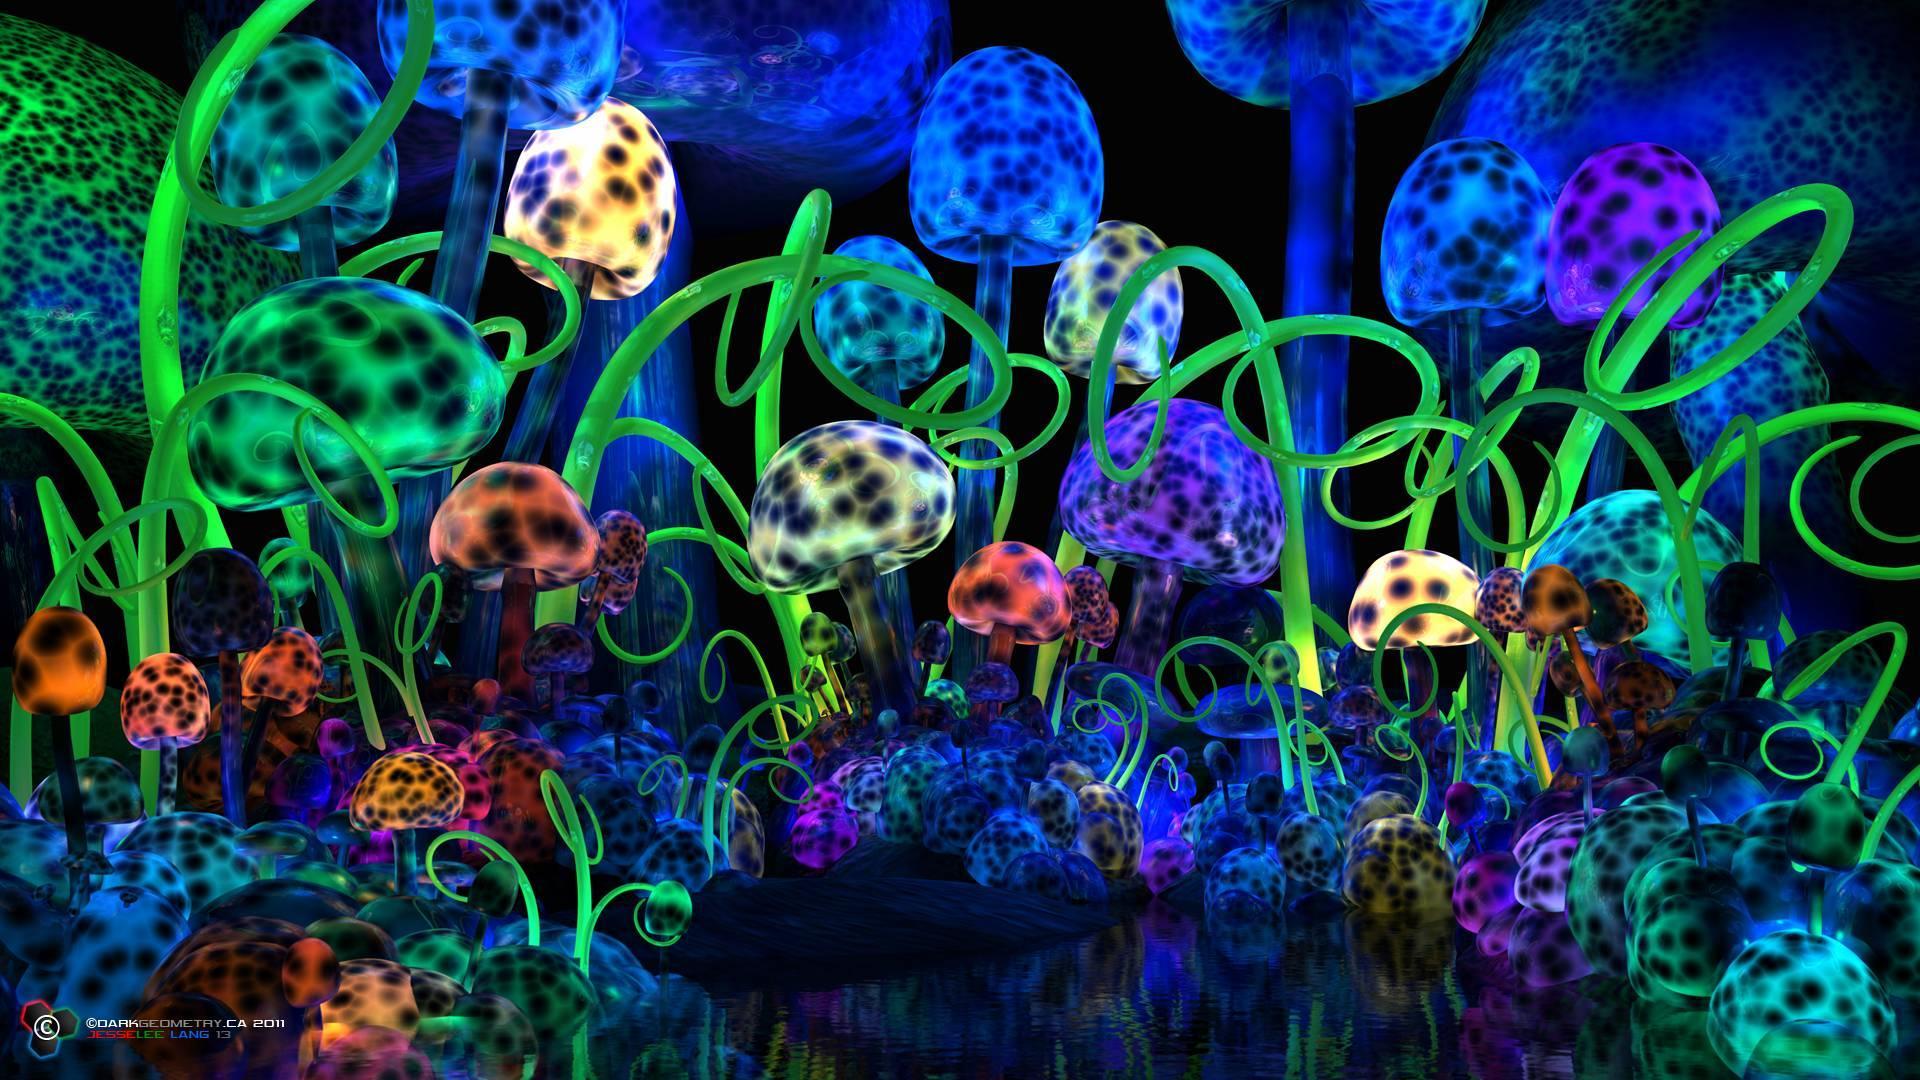 Trippy Wallpaper Mushroom